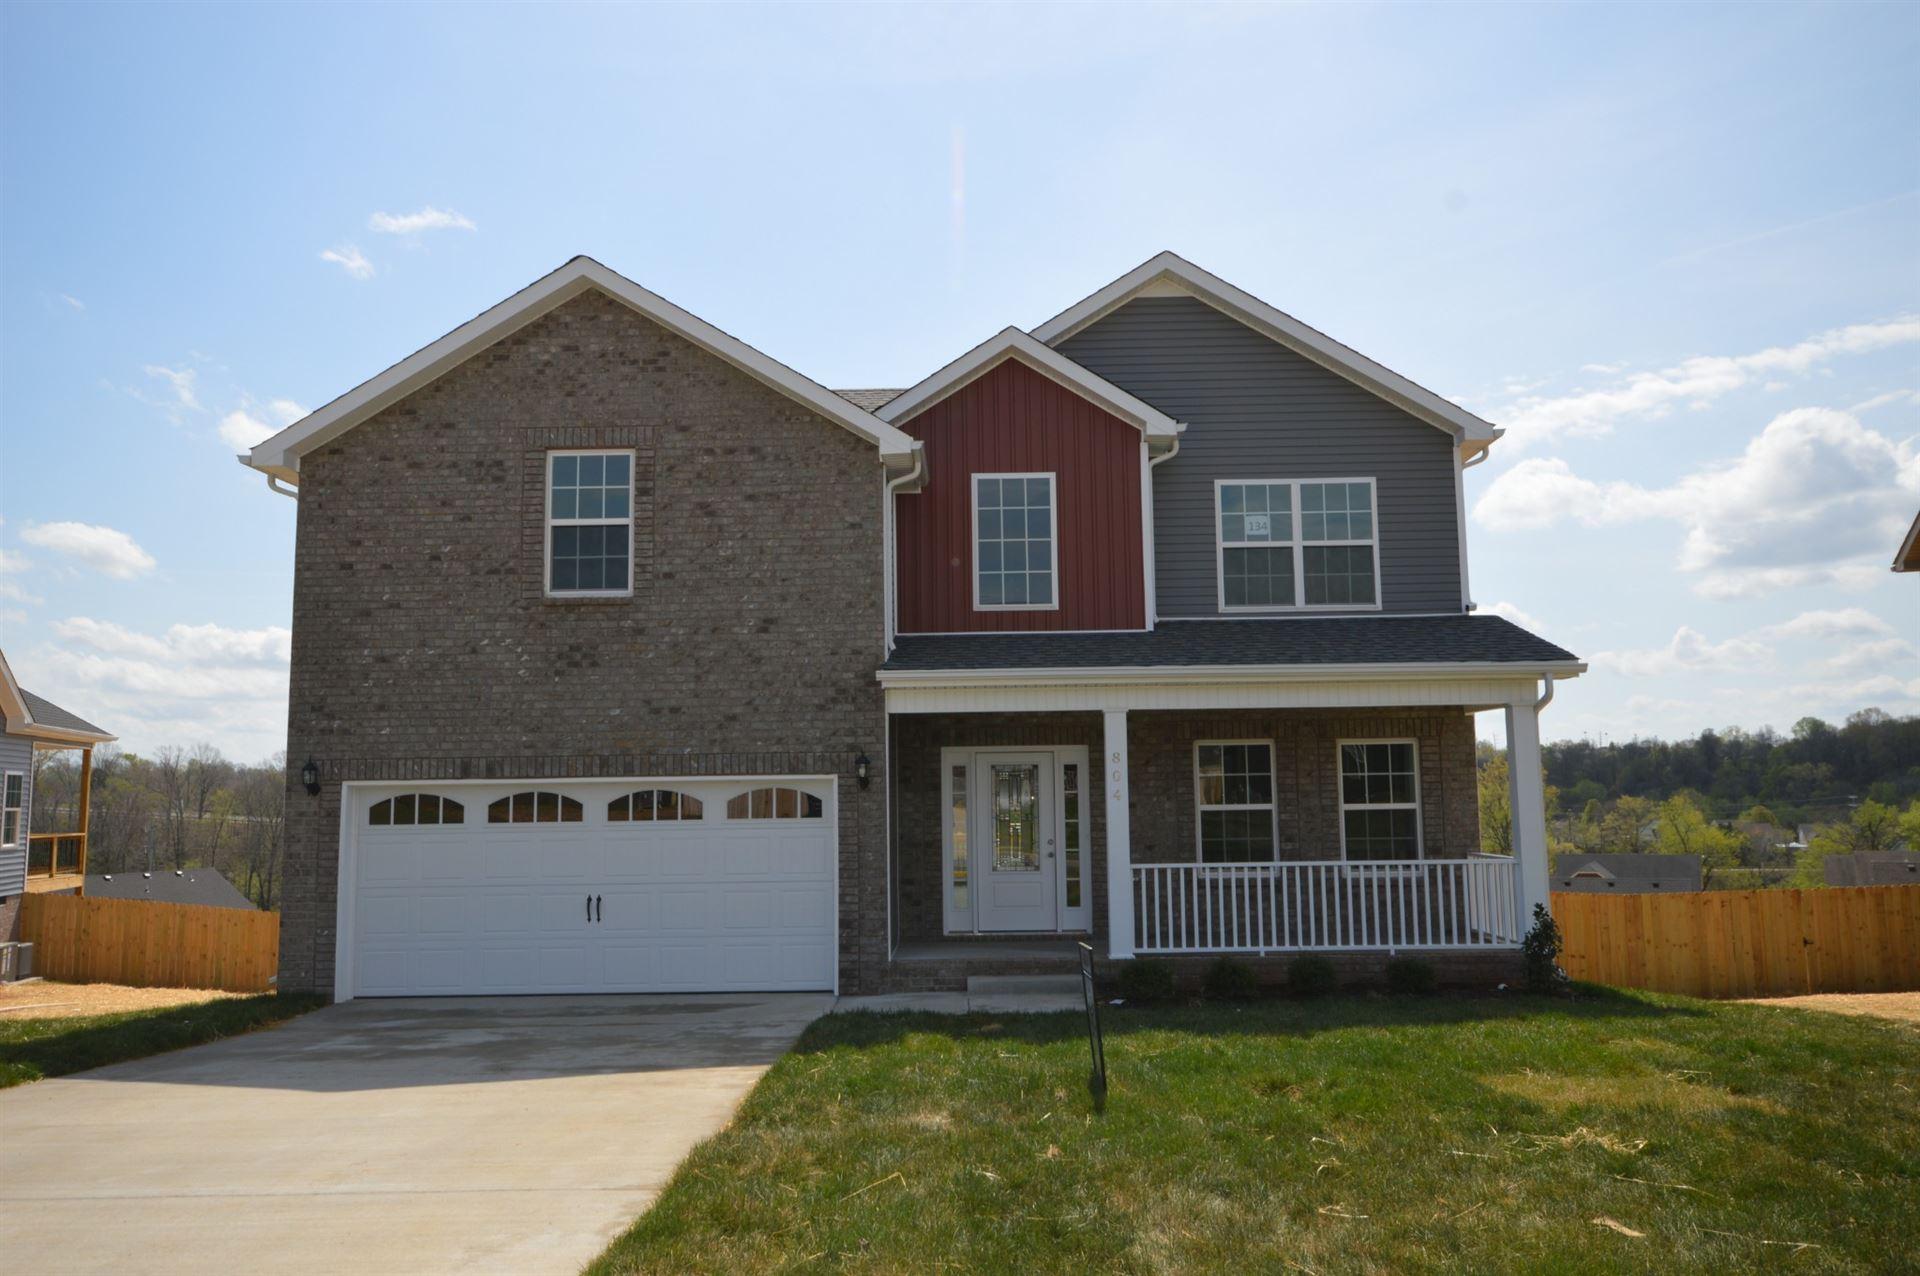 134 Ringgold Estates, Clarksville, TN 37042 - MLS#: 2222149